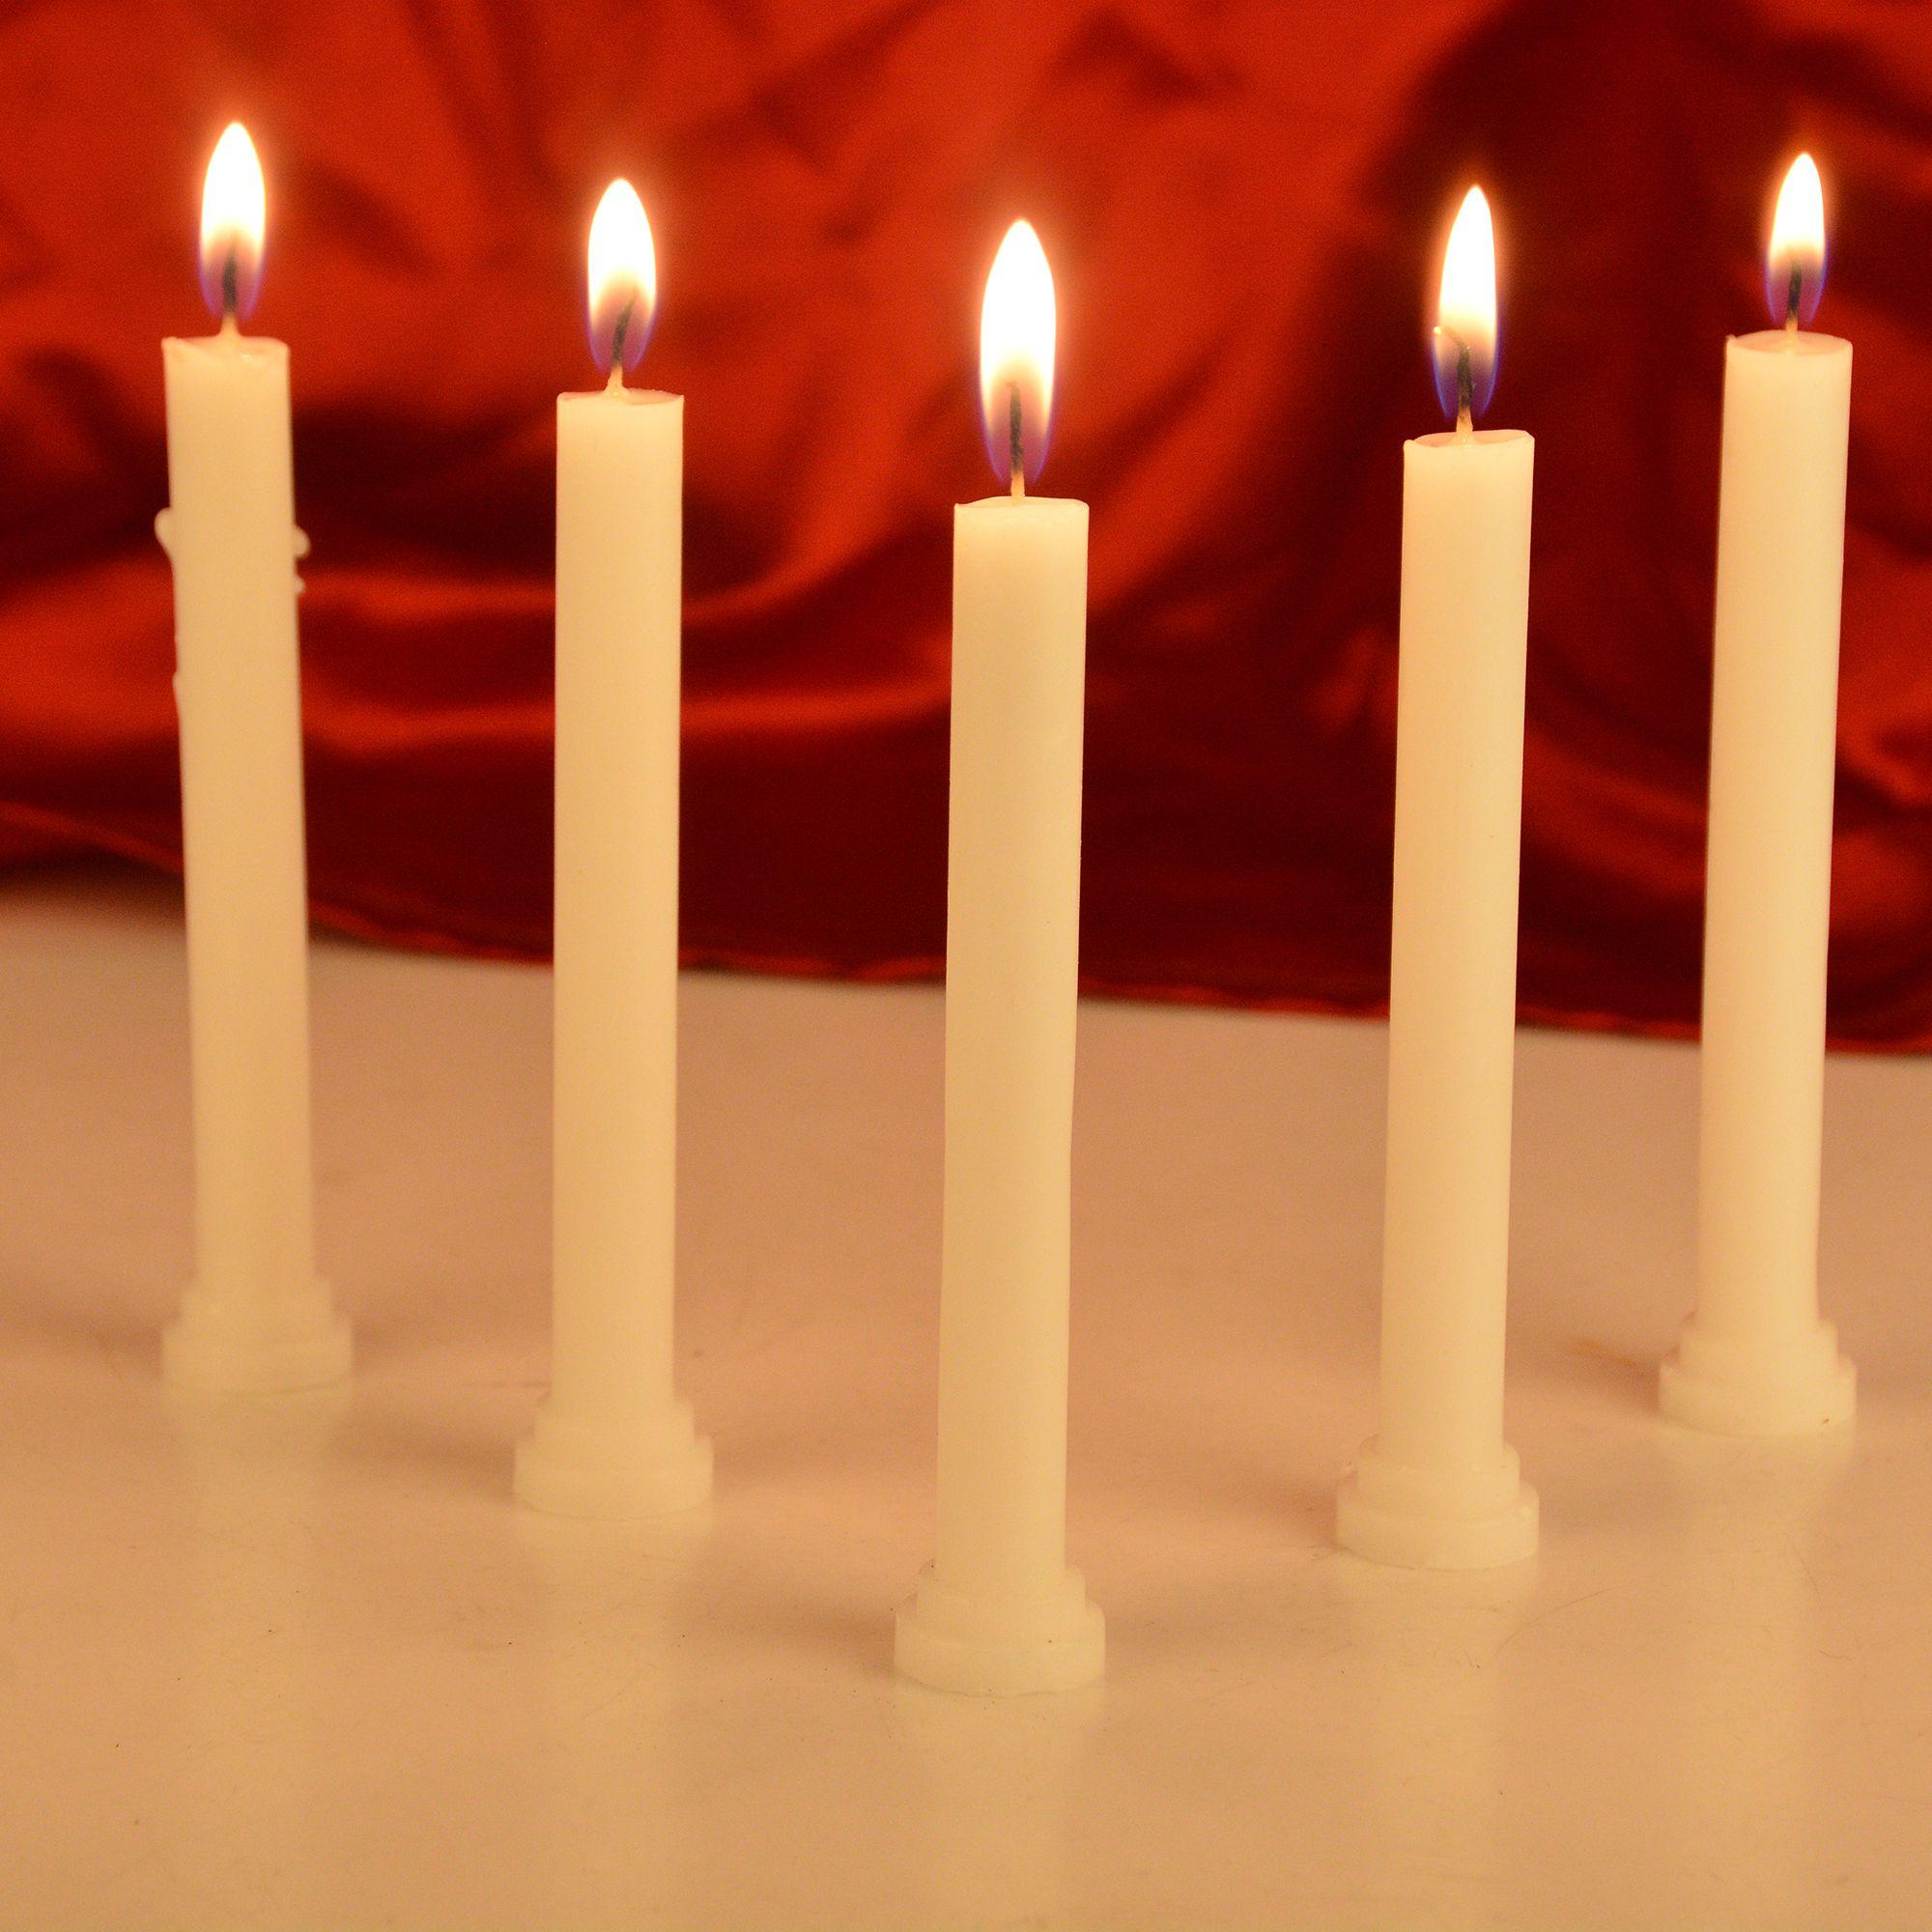 Rajrang White Pillar Candle - Pack of 10